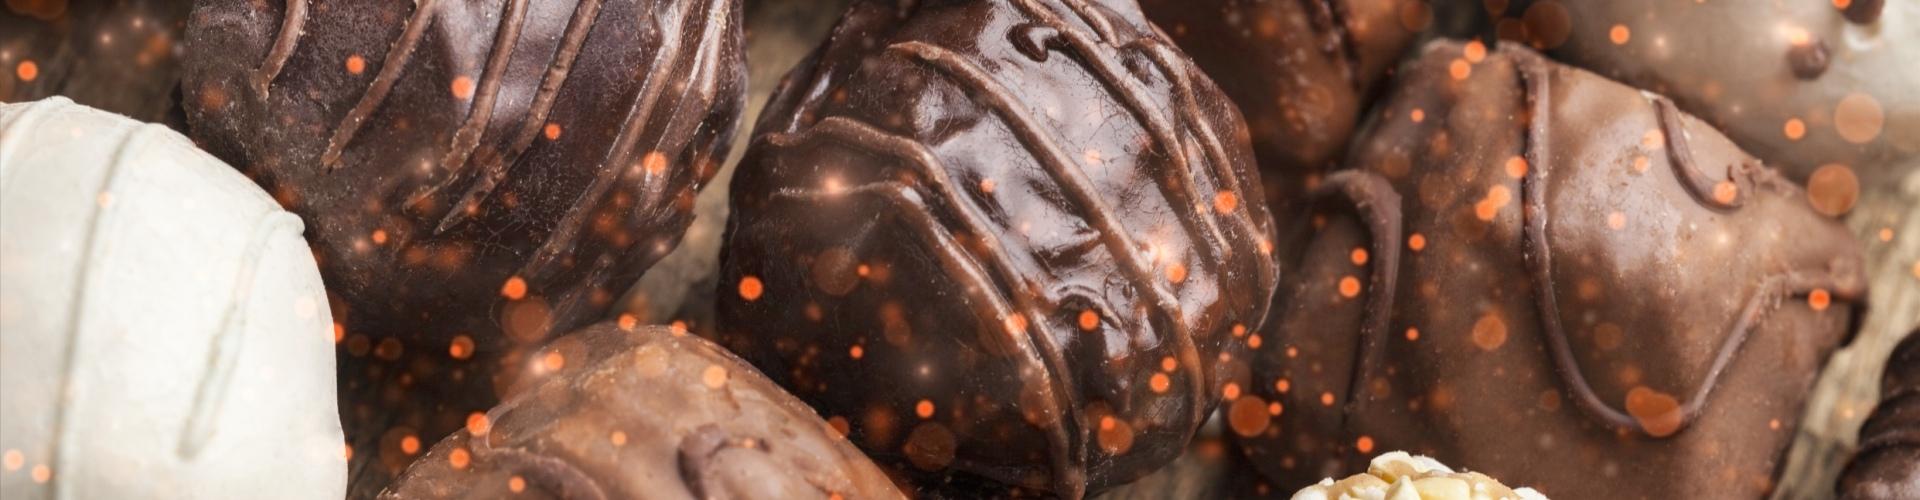 Jak powstaje czekolada